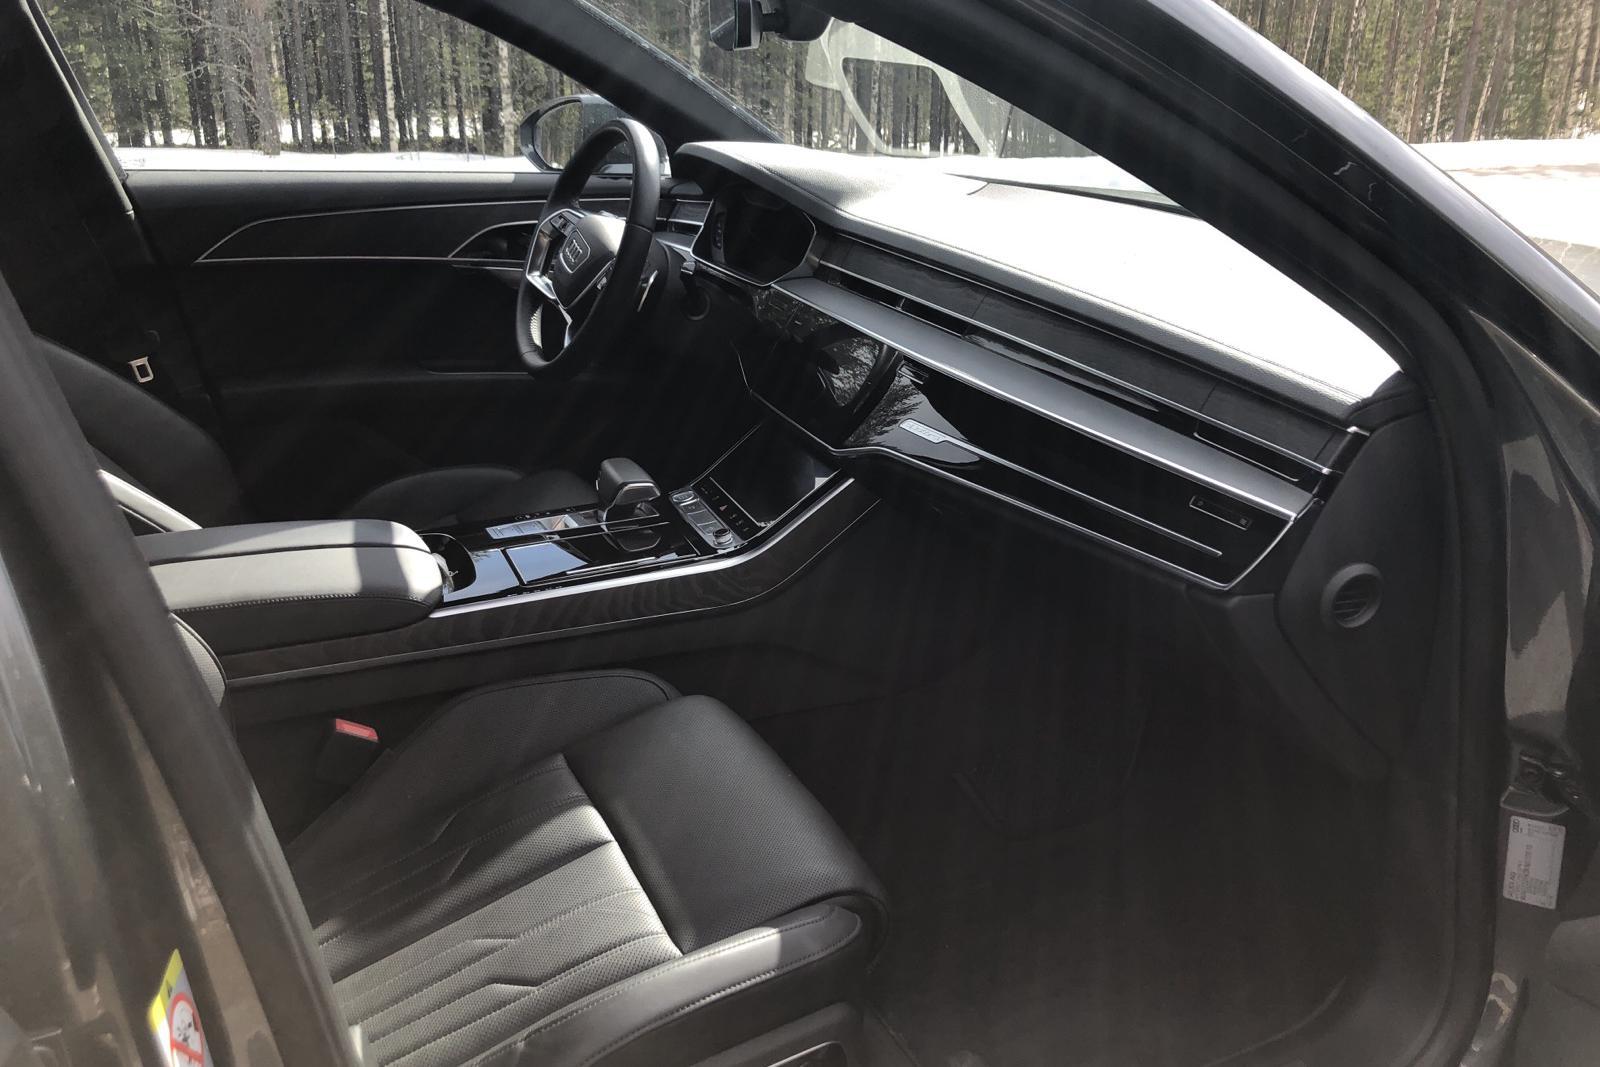 Audi A8 50 TDI quattro (286hk) - 2 476 mil - Automat - Dark Grey - 2019